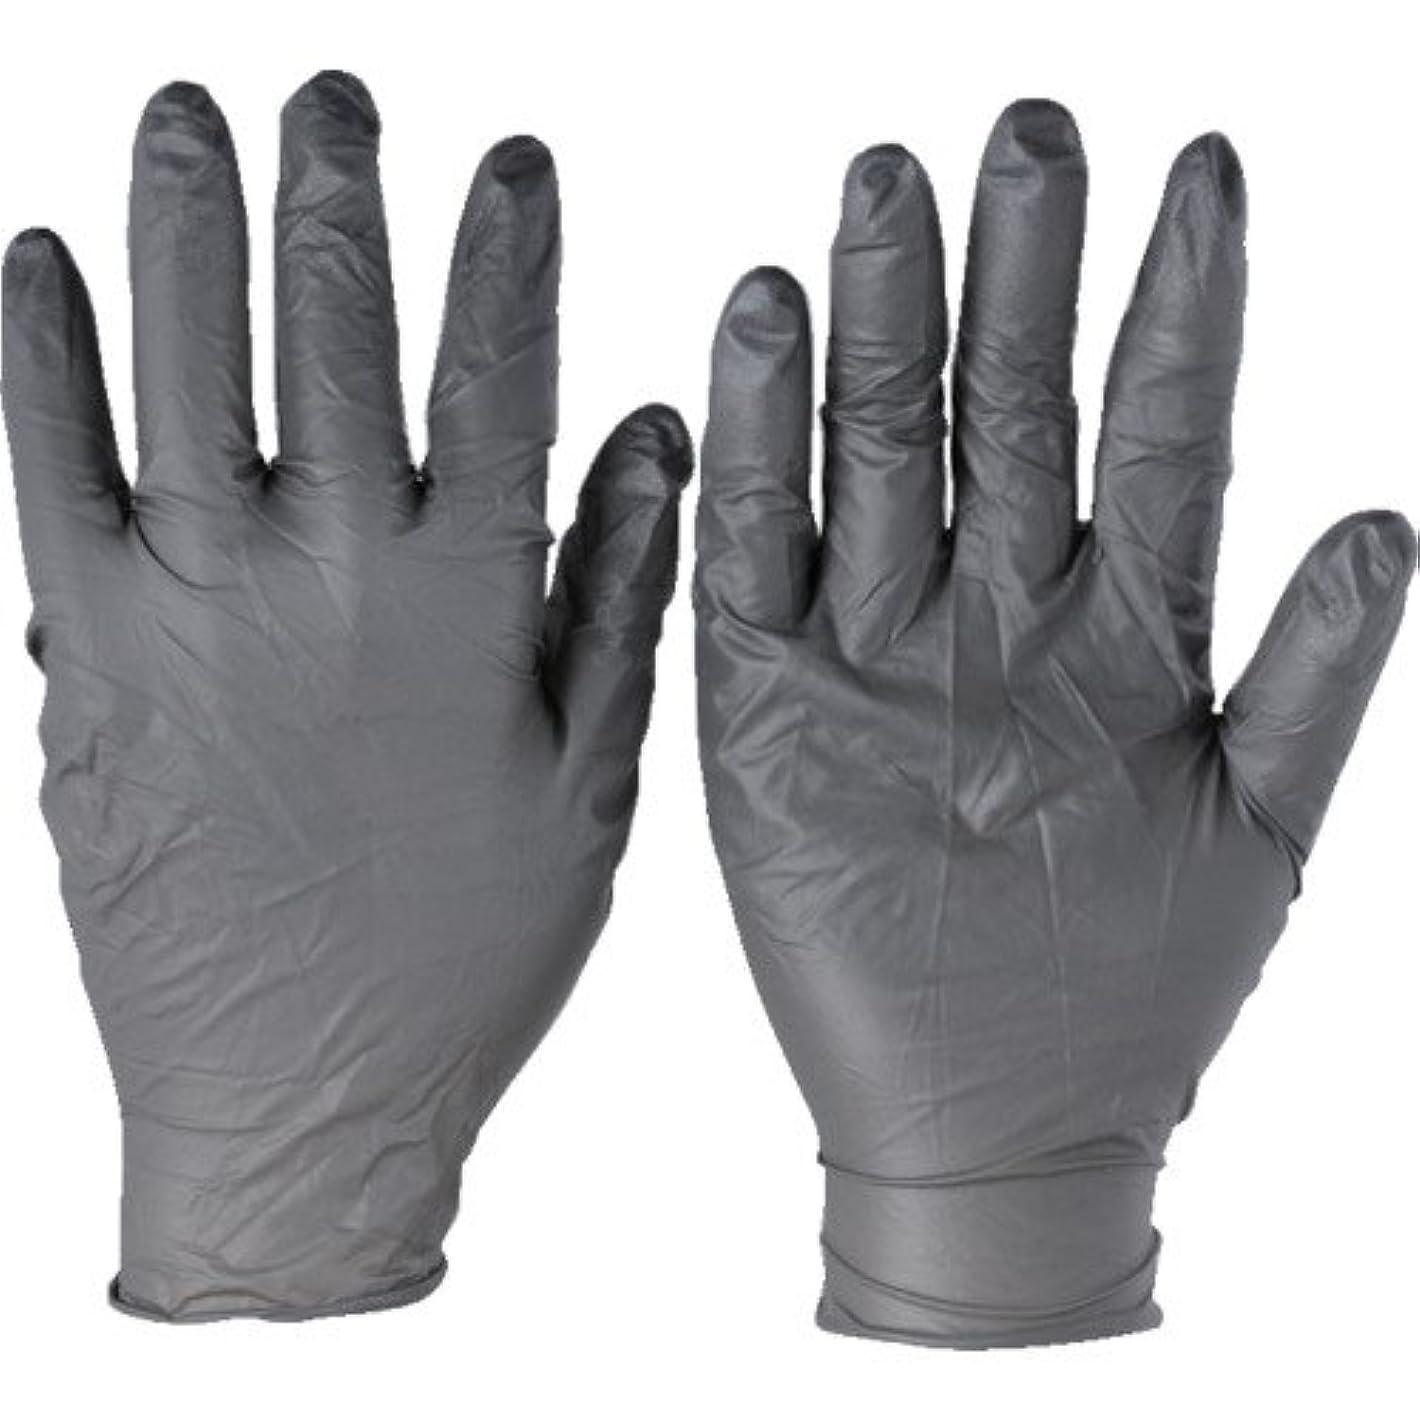 従者びっくりした血統トラスコ中山 アンセル ニトリルゴム使い捨て手袋 タッチエヌタフ 粉無 XLサイズ100枚入 9325010